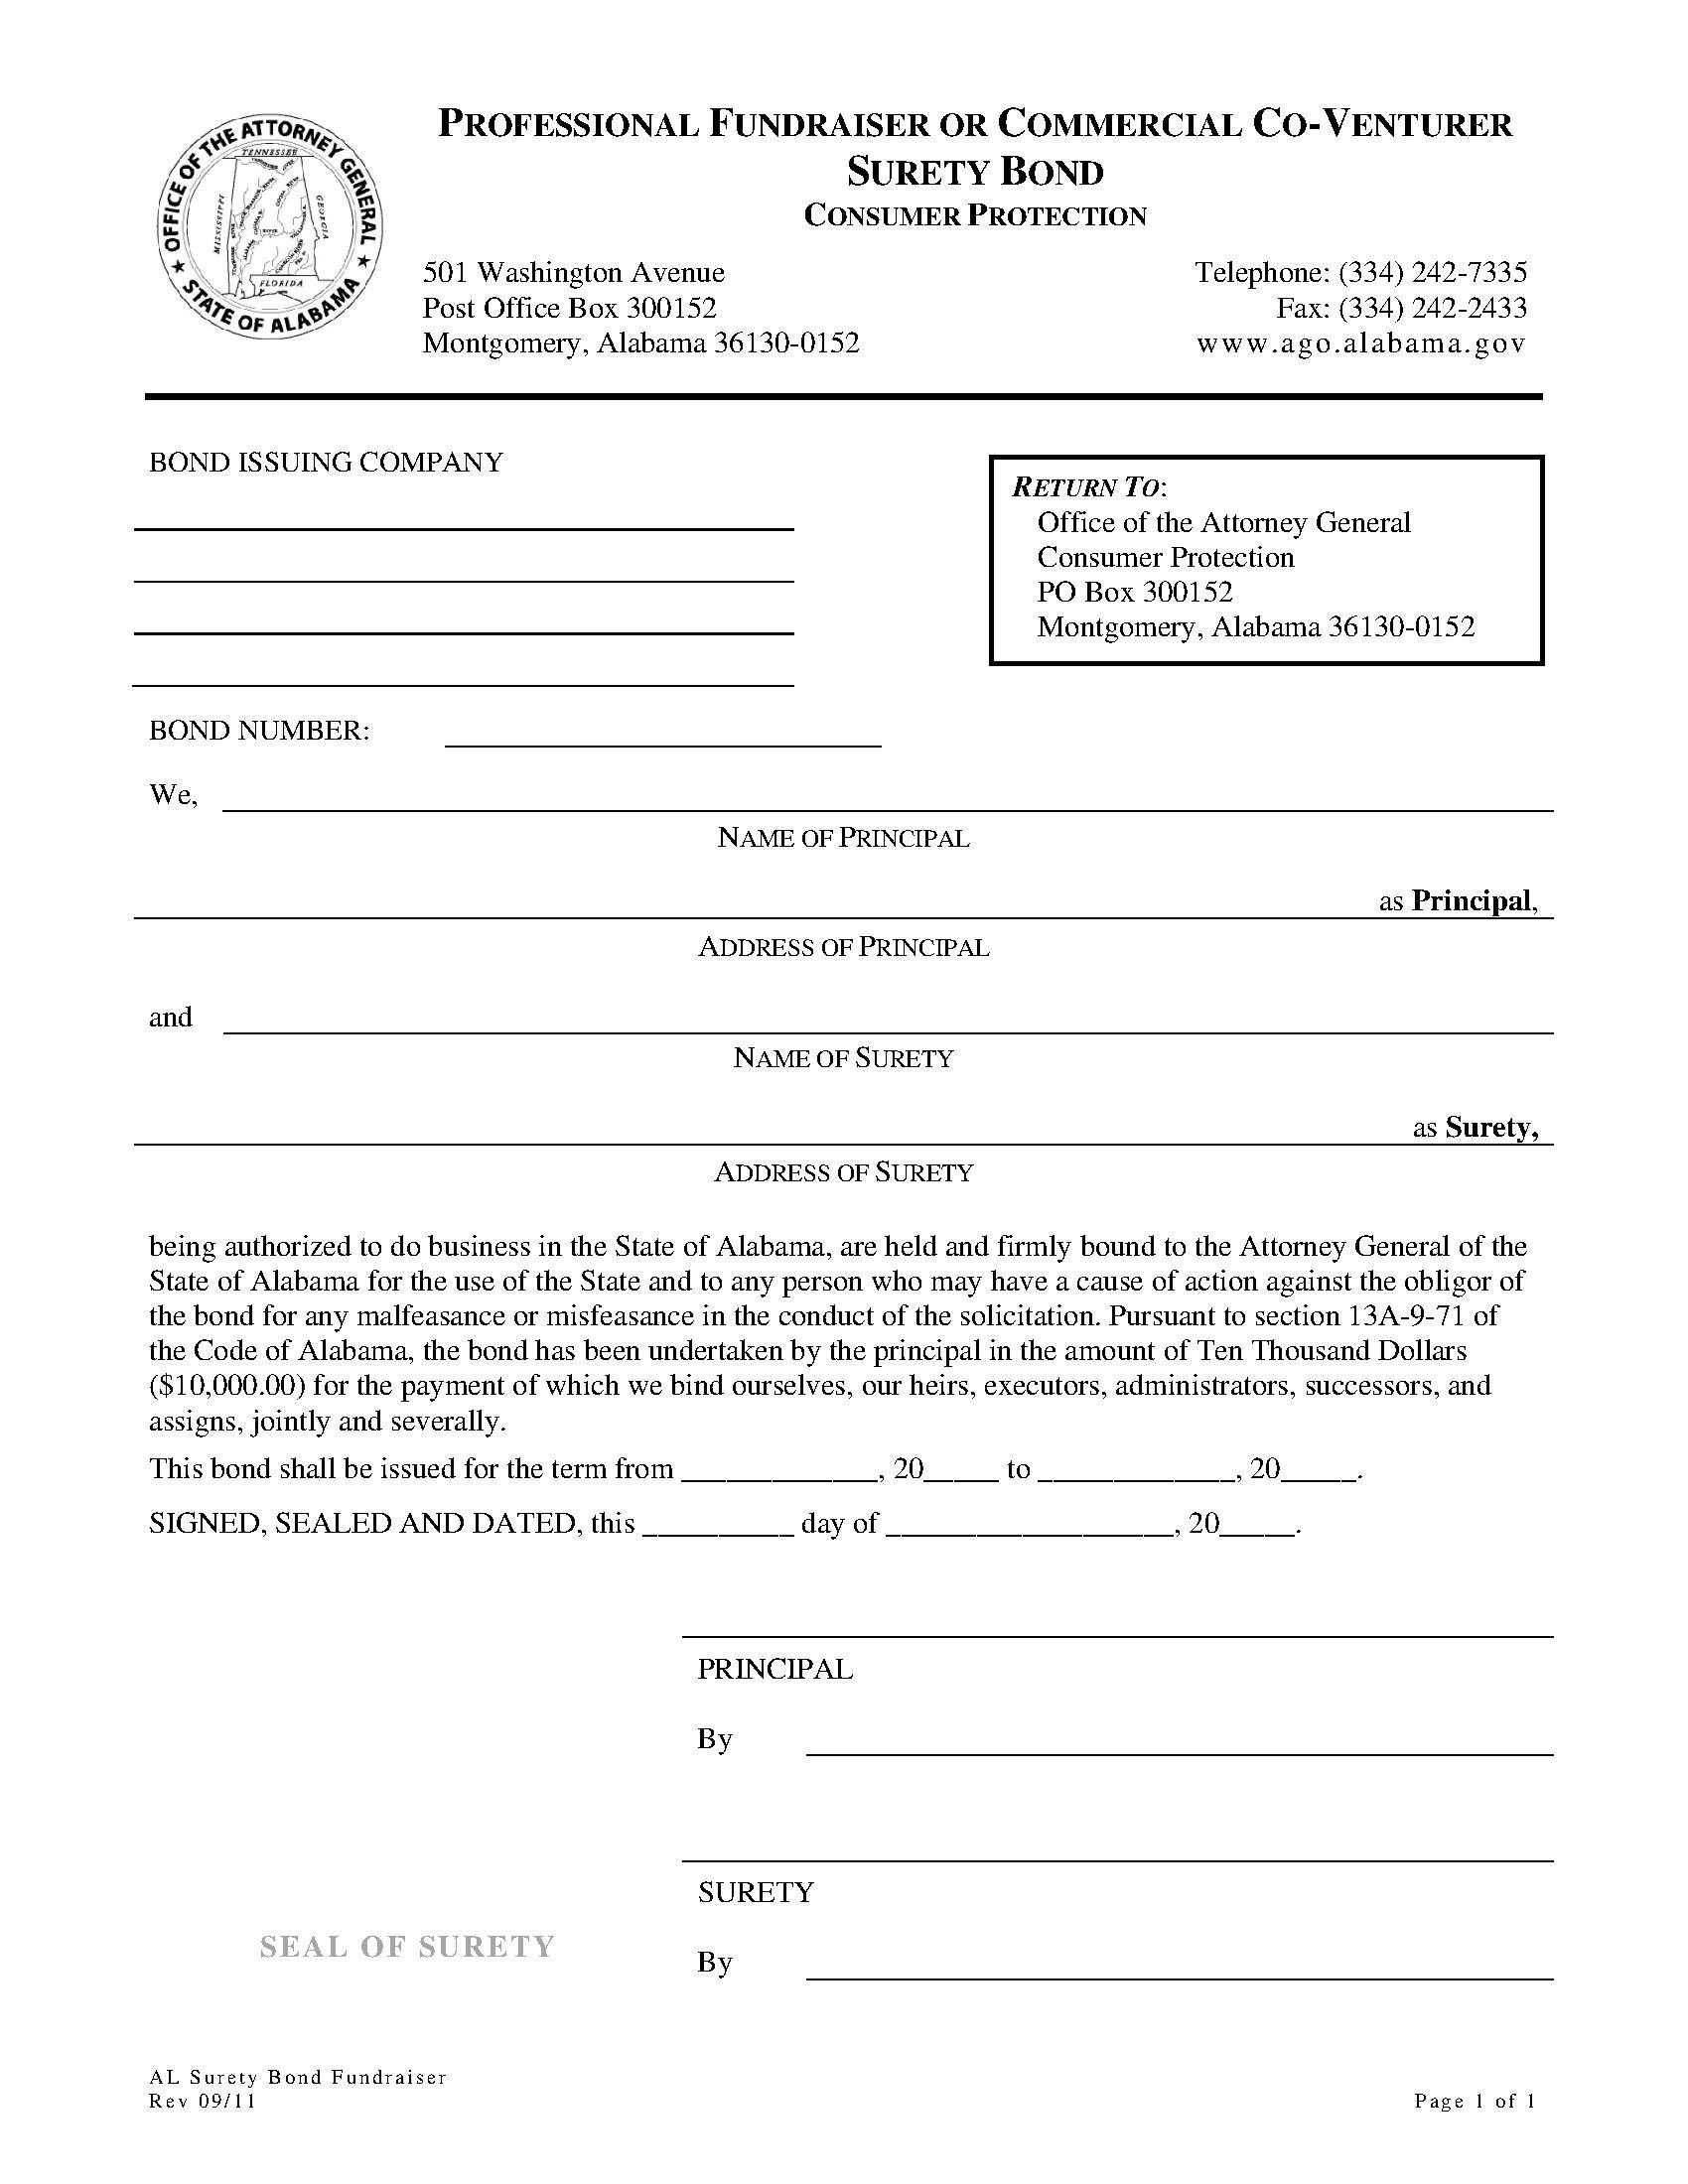 State of Alabama Professional Fundraiser or Commercial Co-Venturer Bond sample image